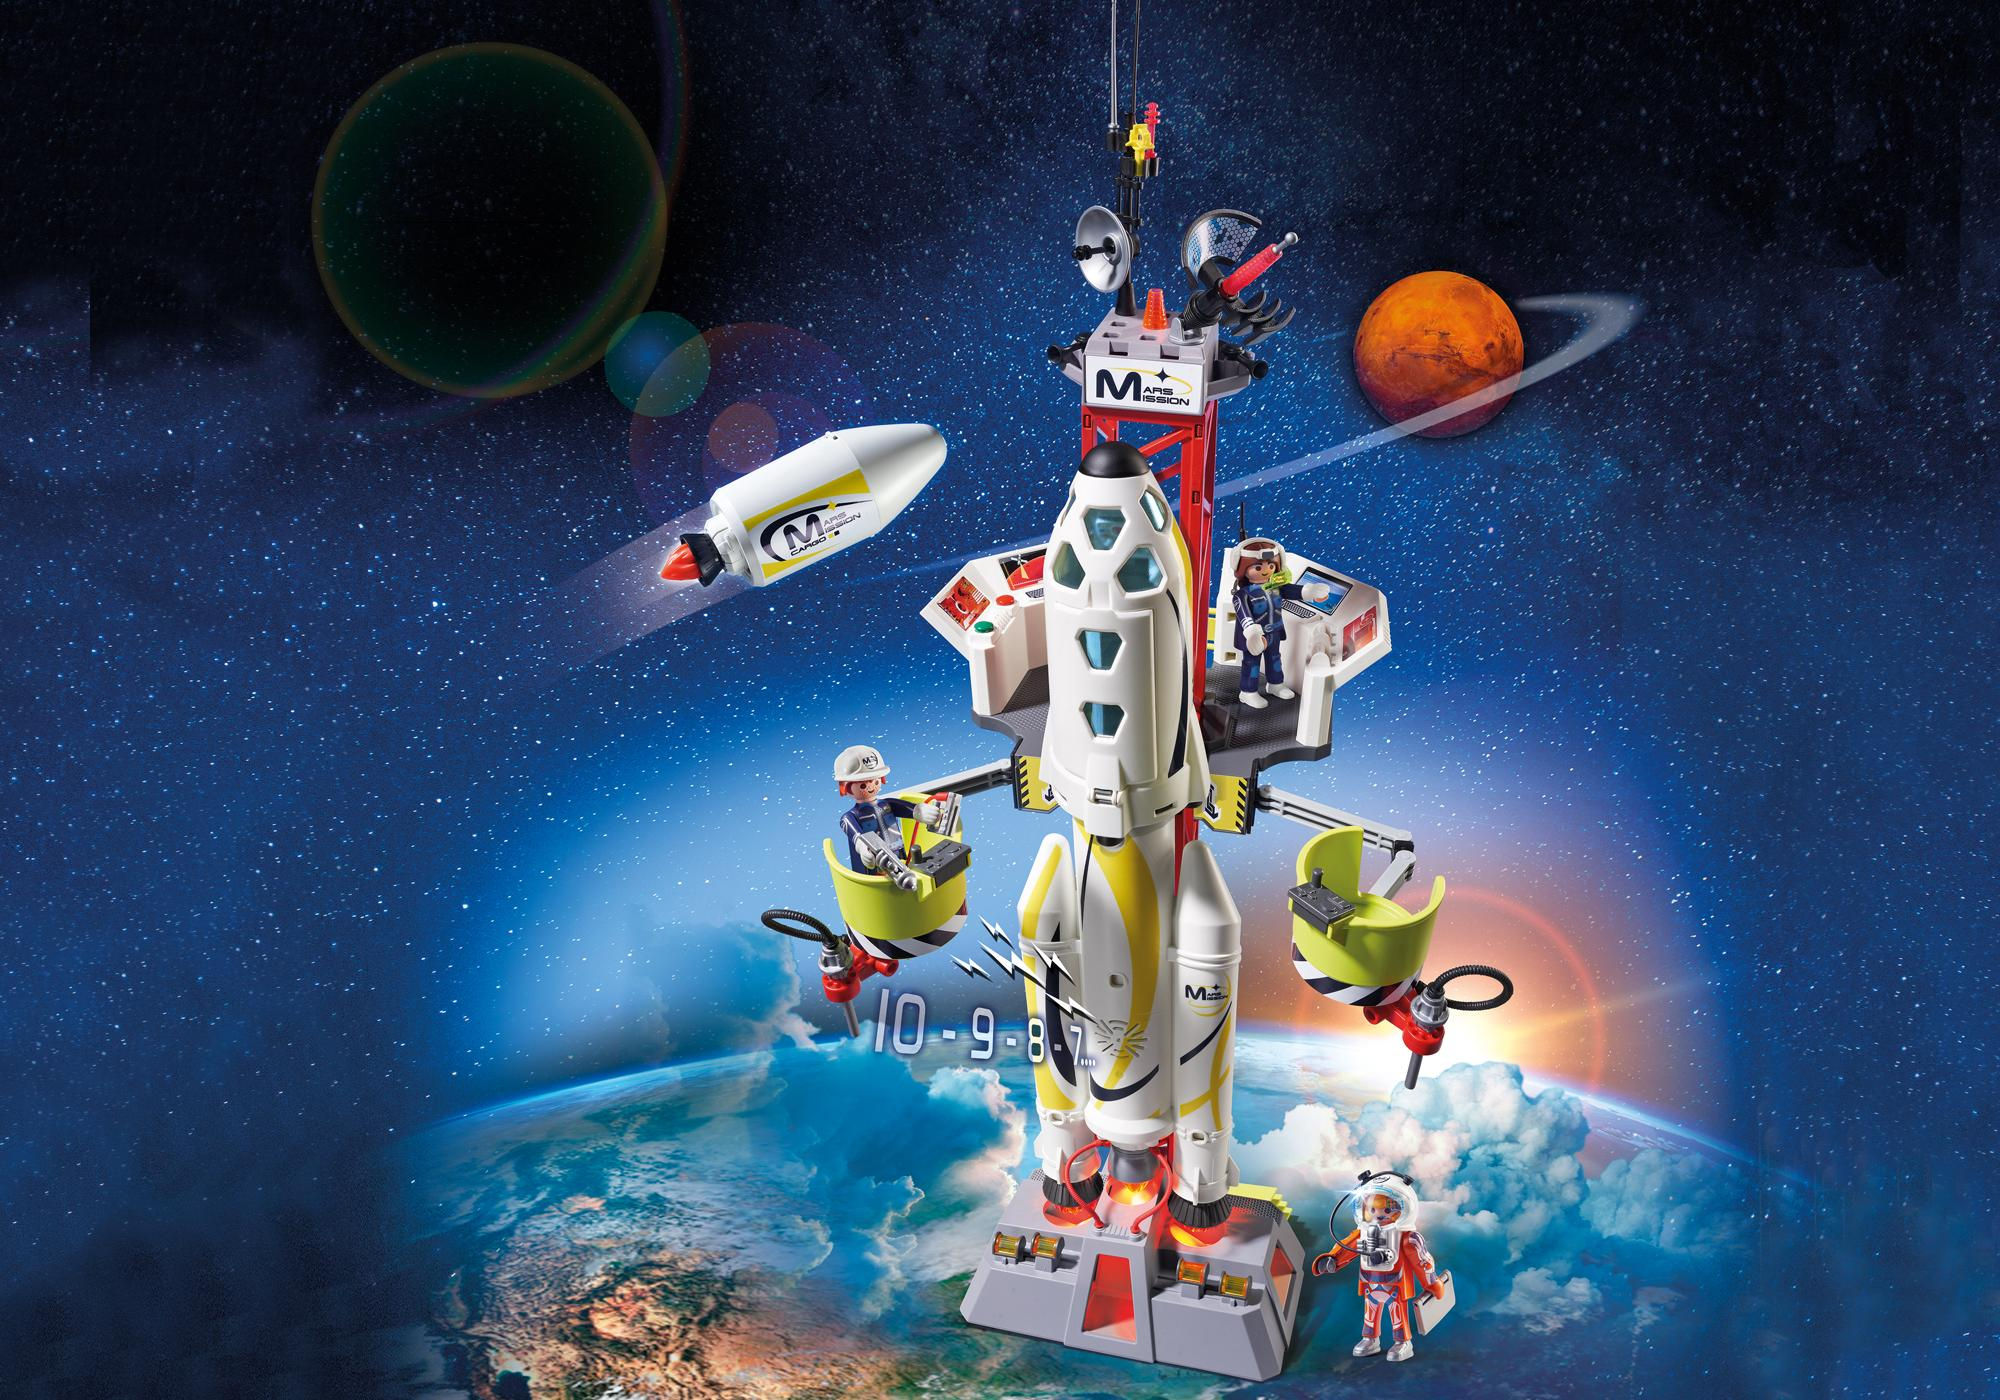 9488_product_detail/Πύραυλος διαστημικής αποστολής με σταθμό εκτόξευσης